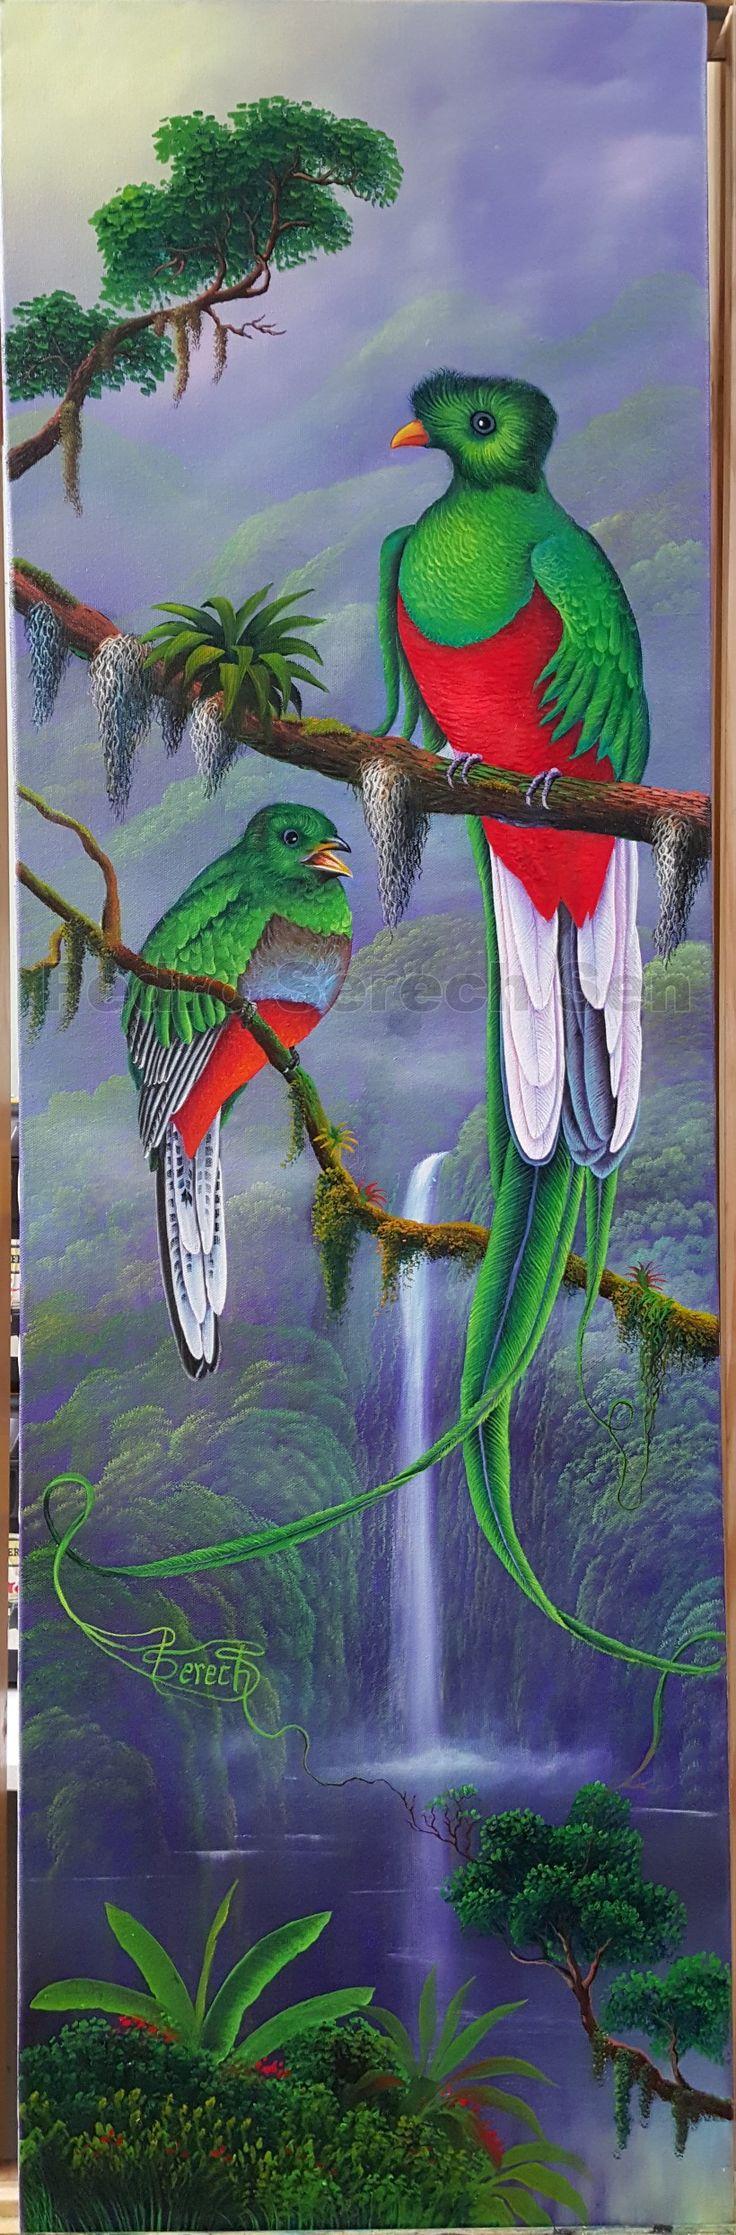 Es uno de mis obras al oleo el ave sagrado de los mayas ((El Quetzal))